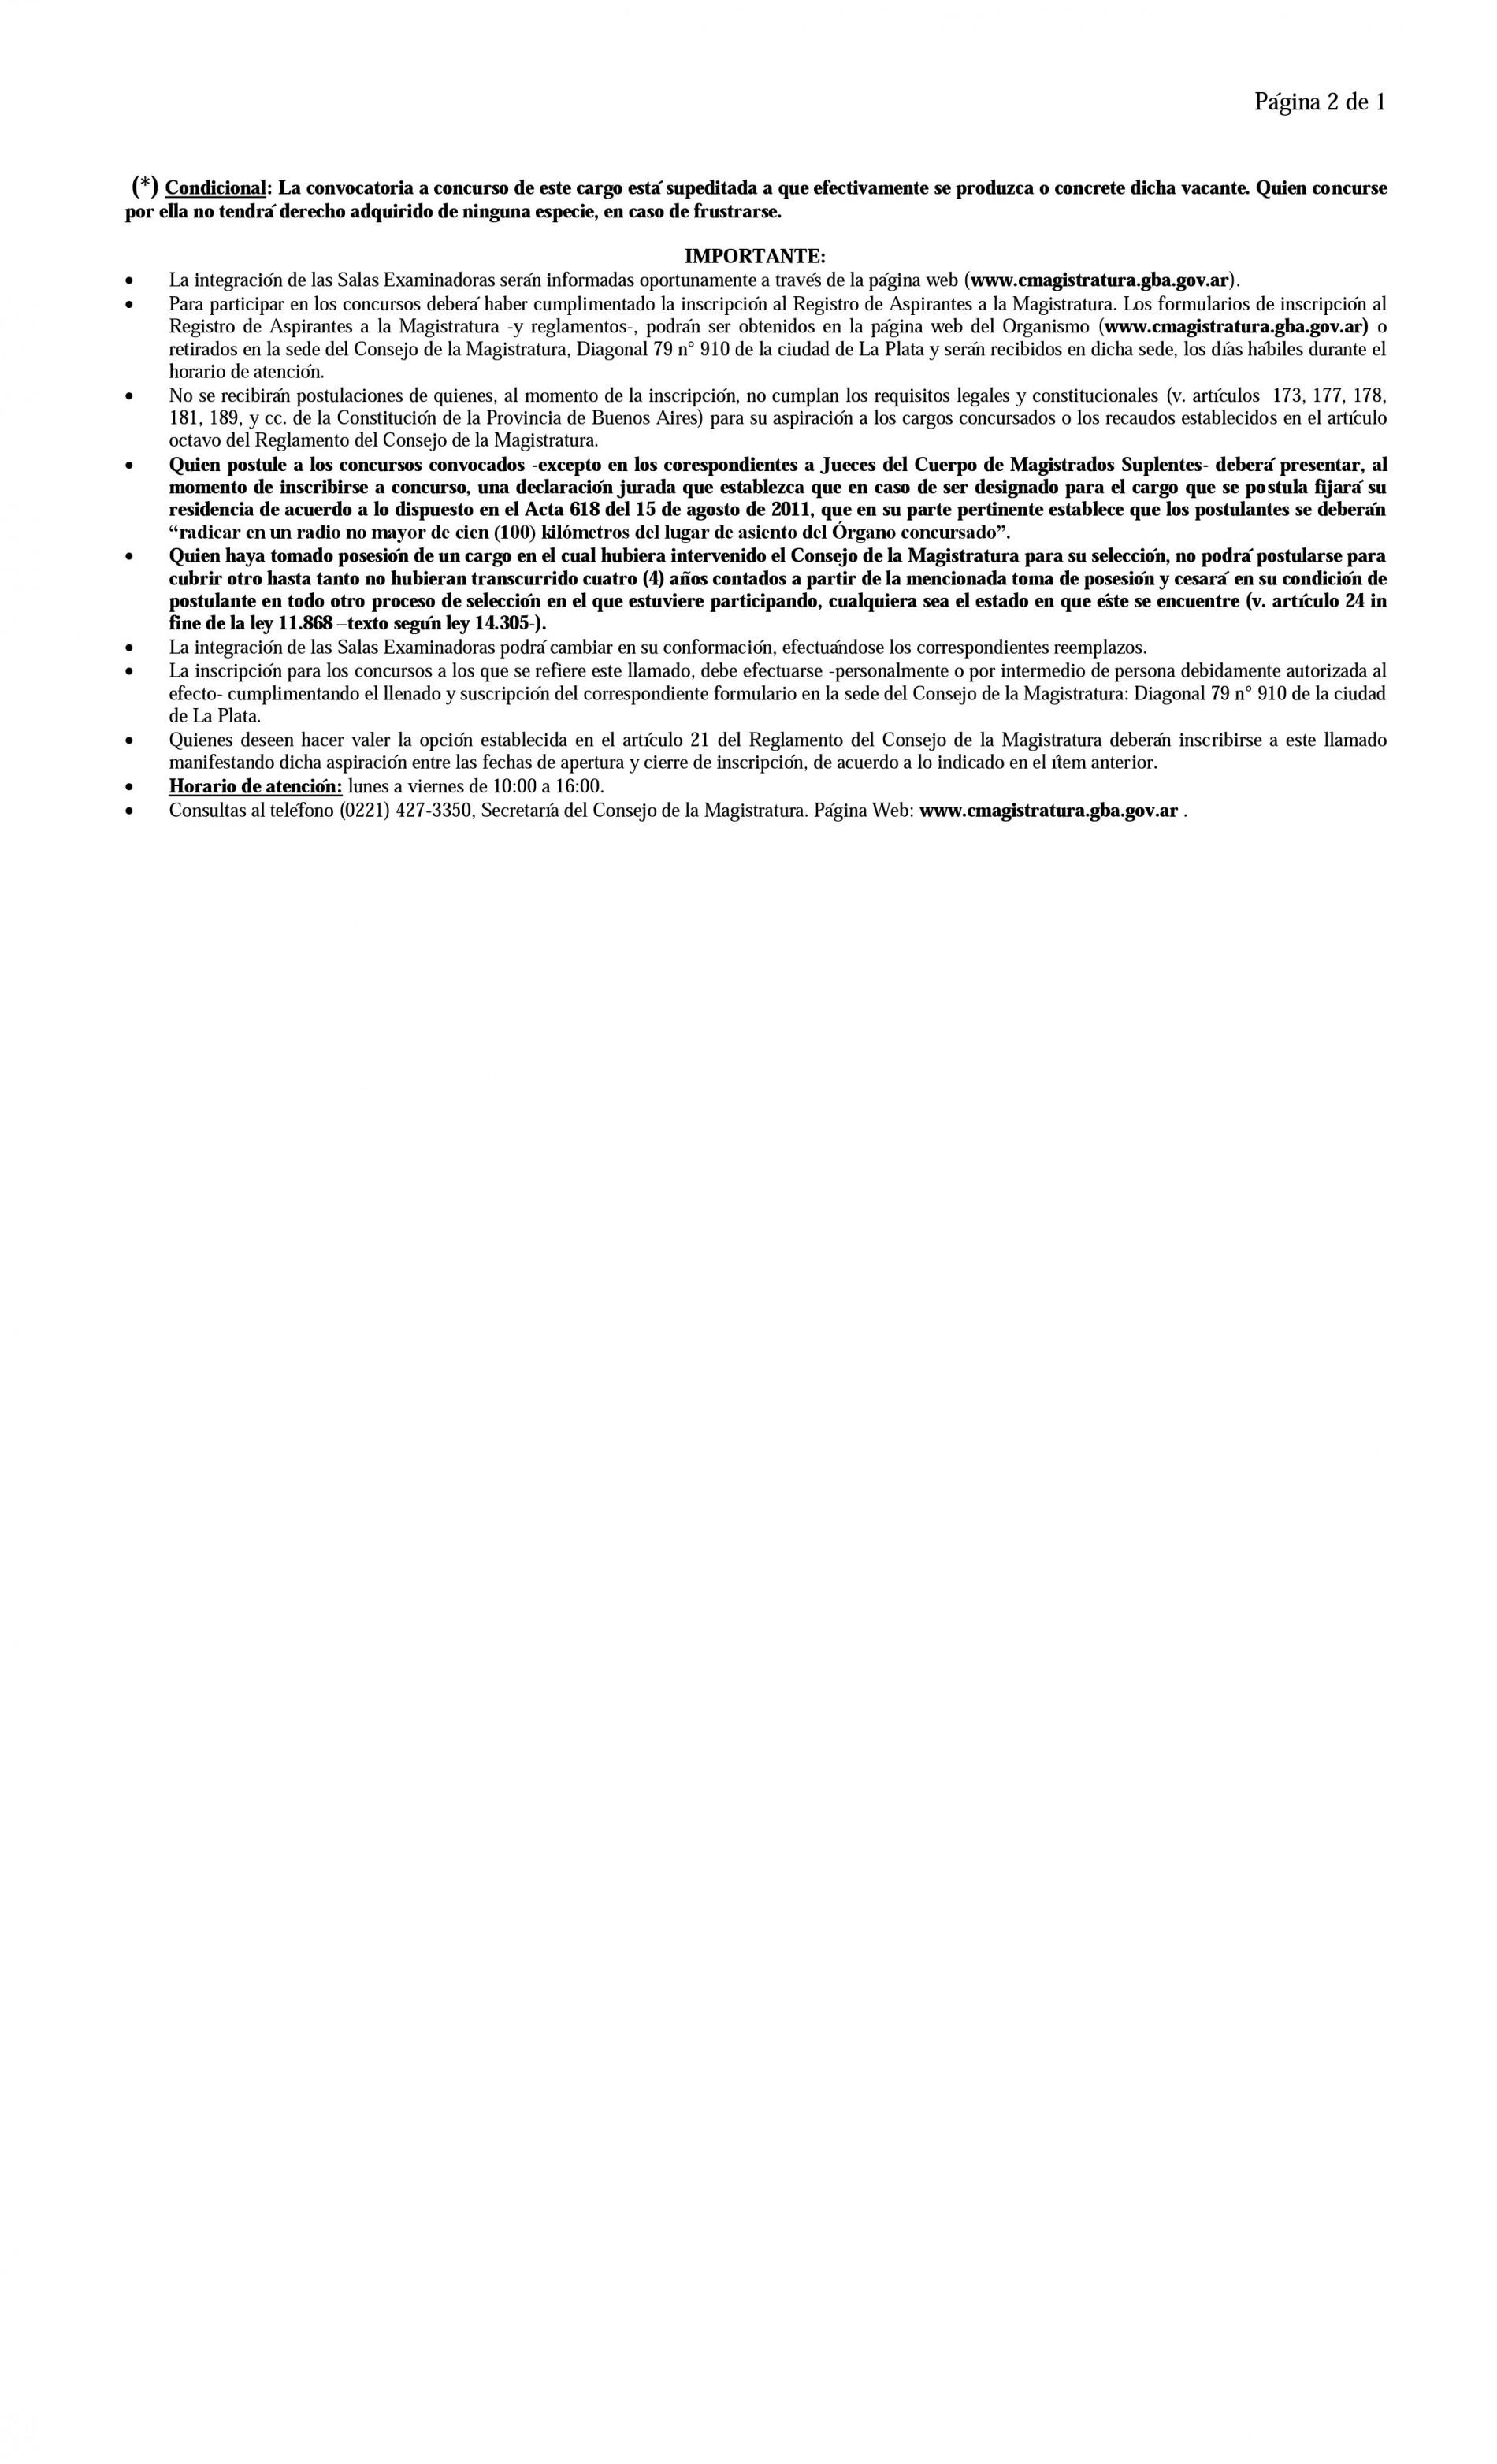 Convocatoria a Concursos: Consejo de la Magistratura Bonaerense